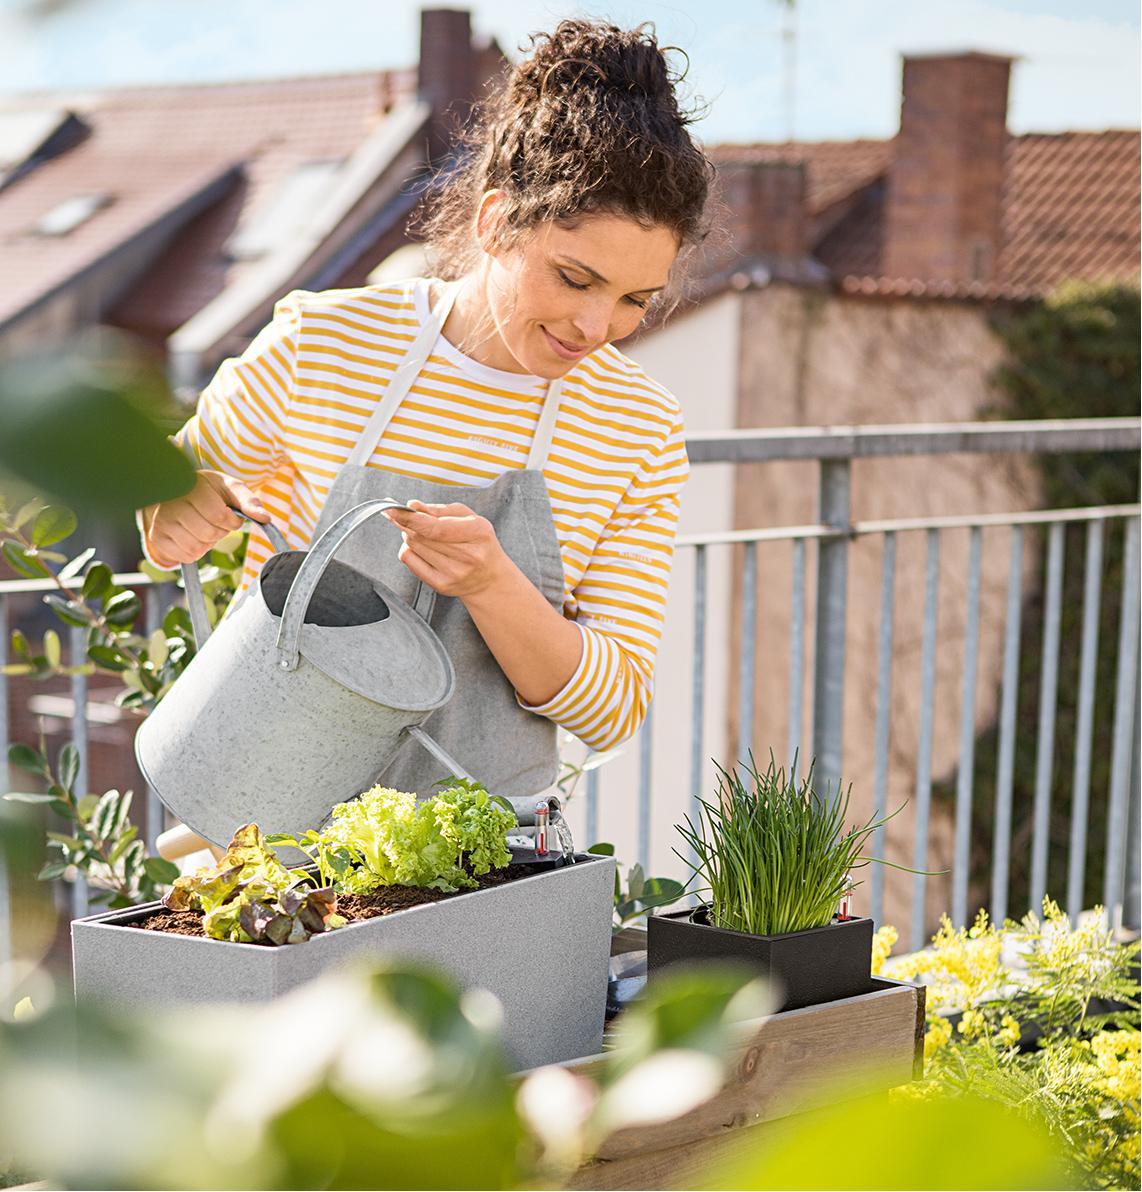 Женщина поливает свой посаженный салат